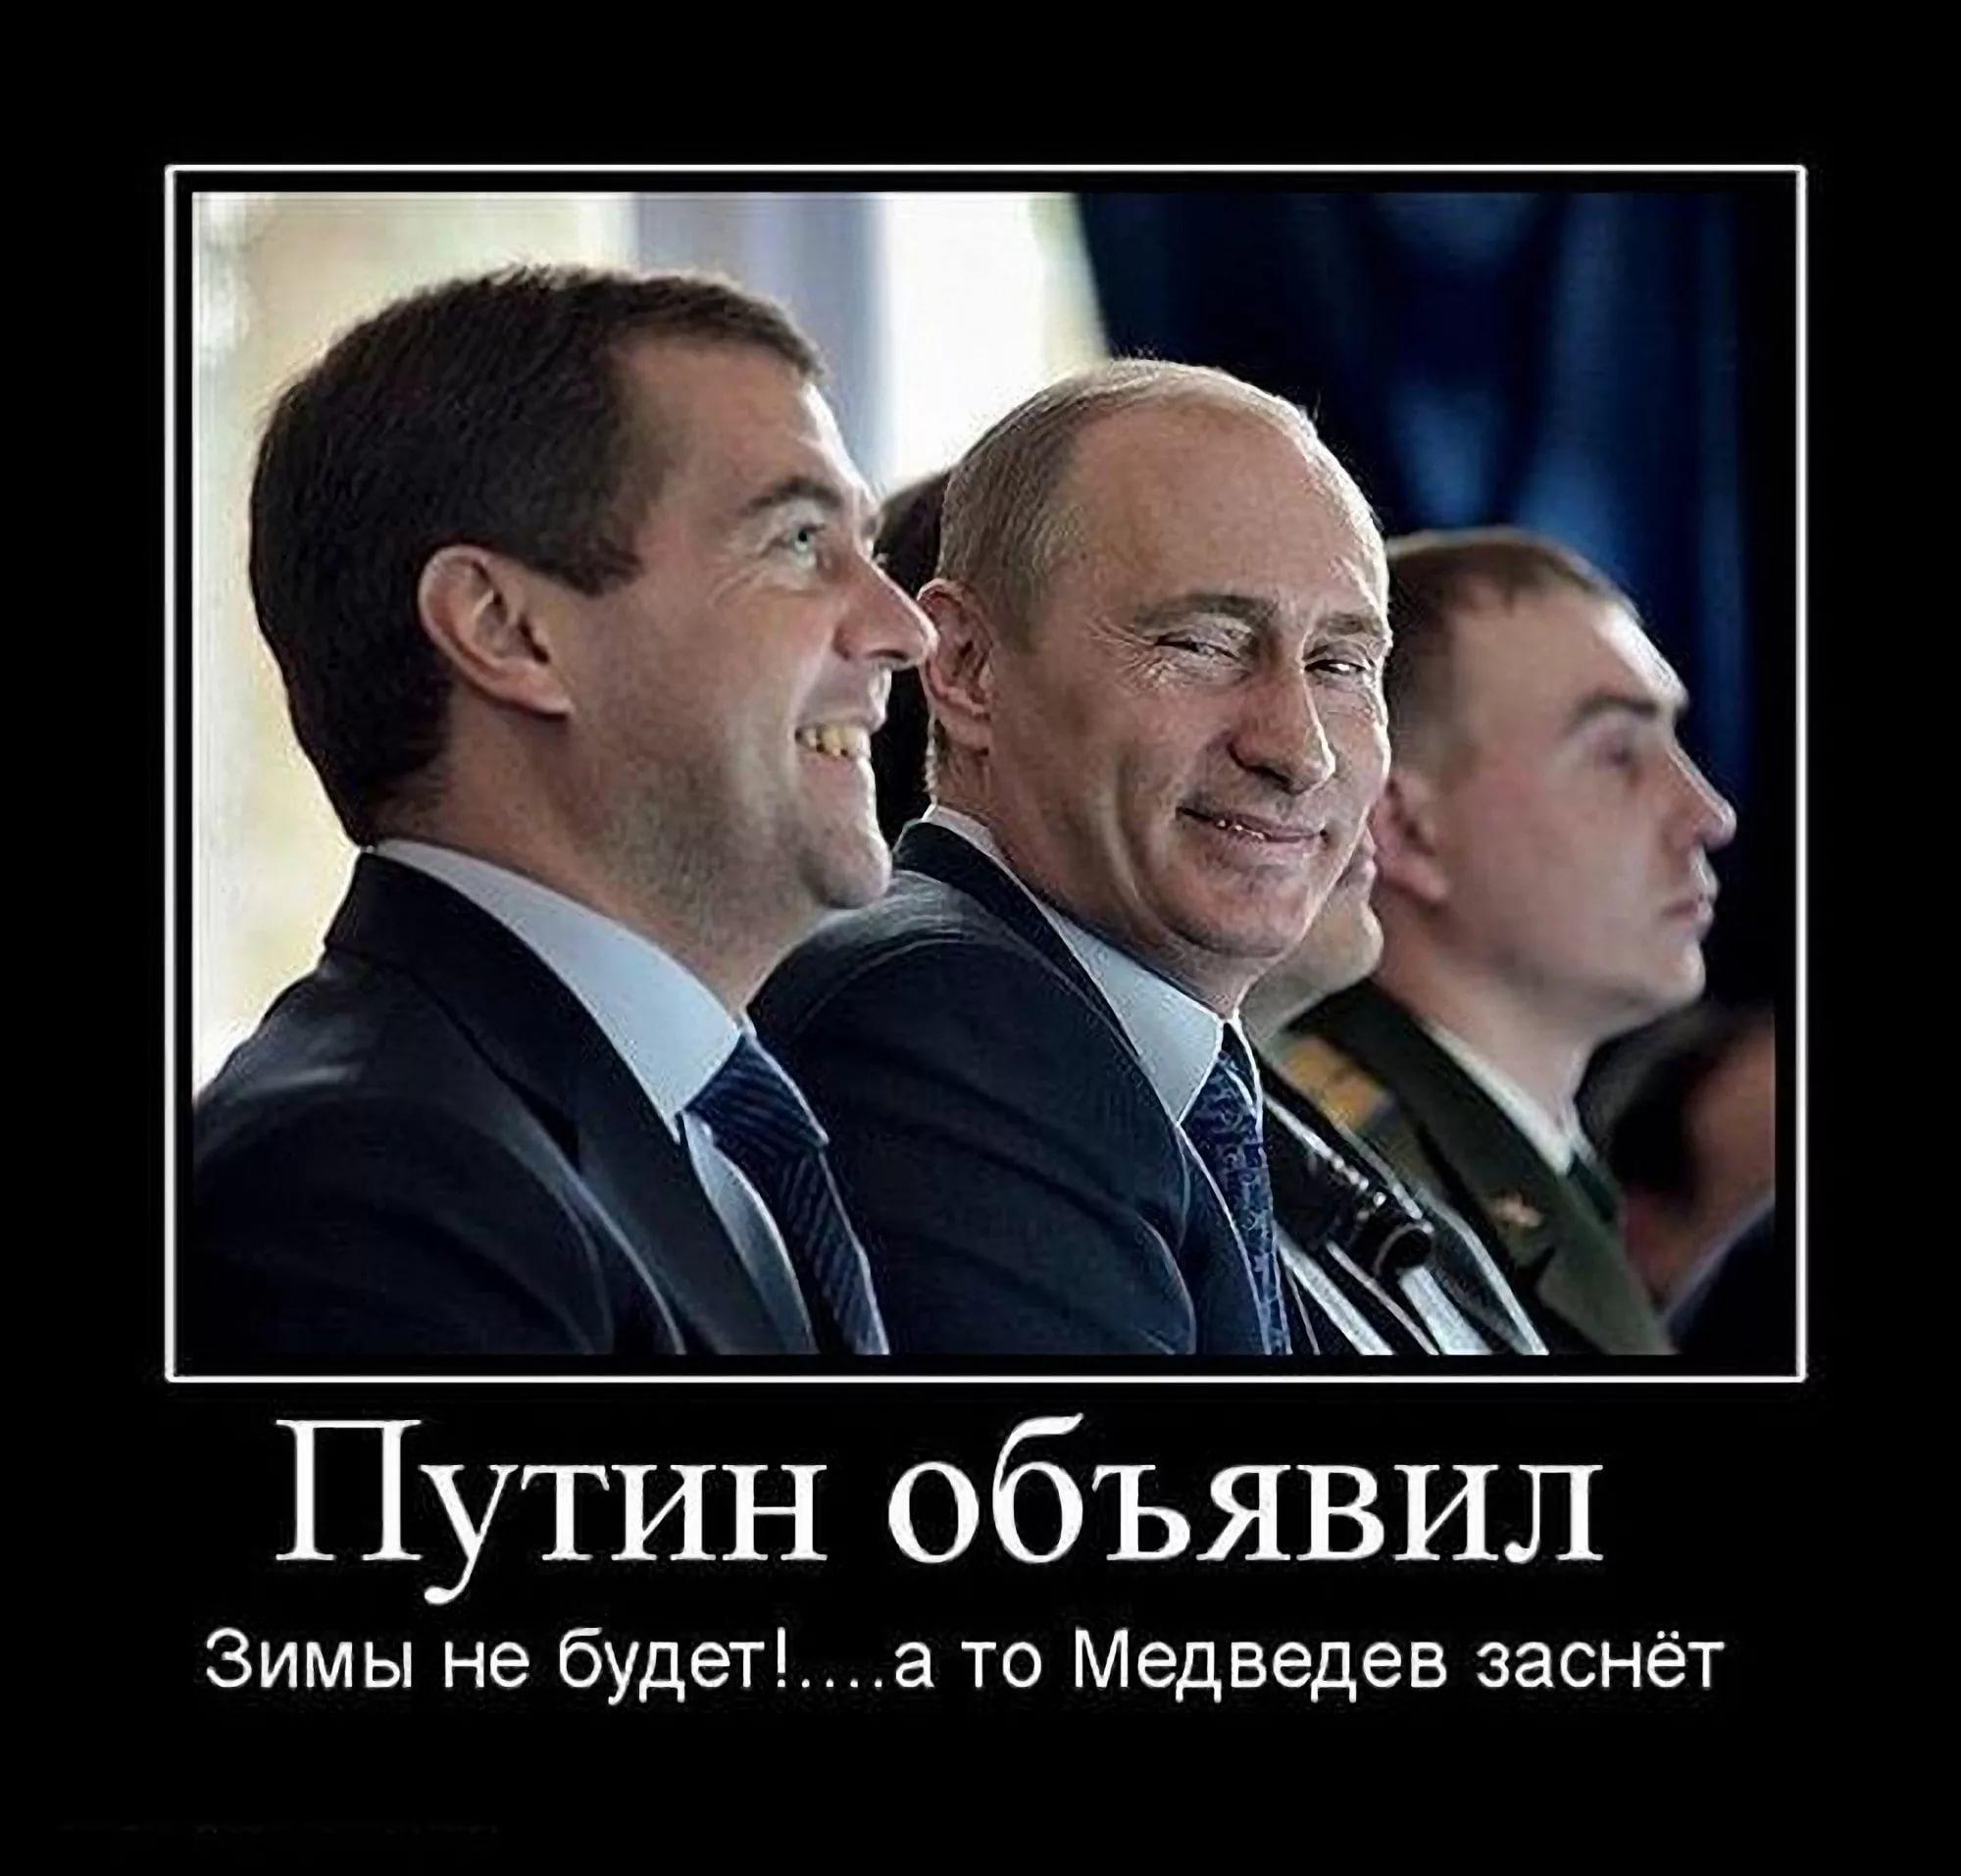 Приколы с медведевым и путиным картинки прикол